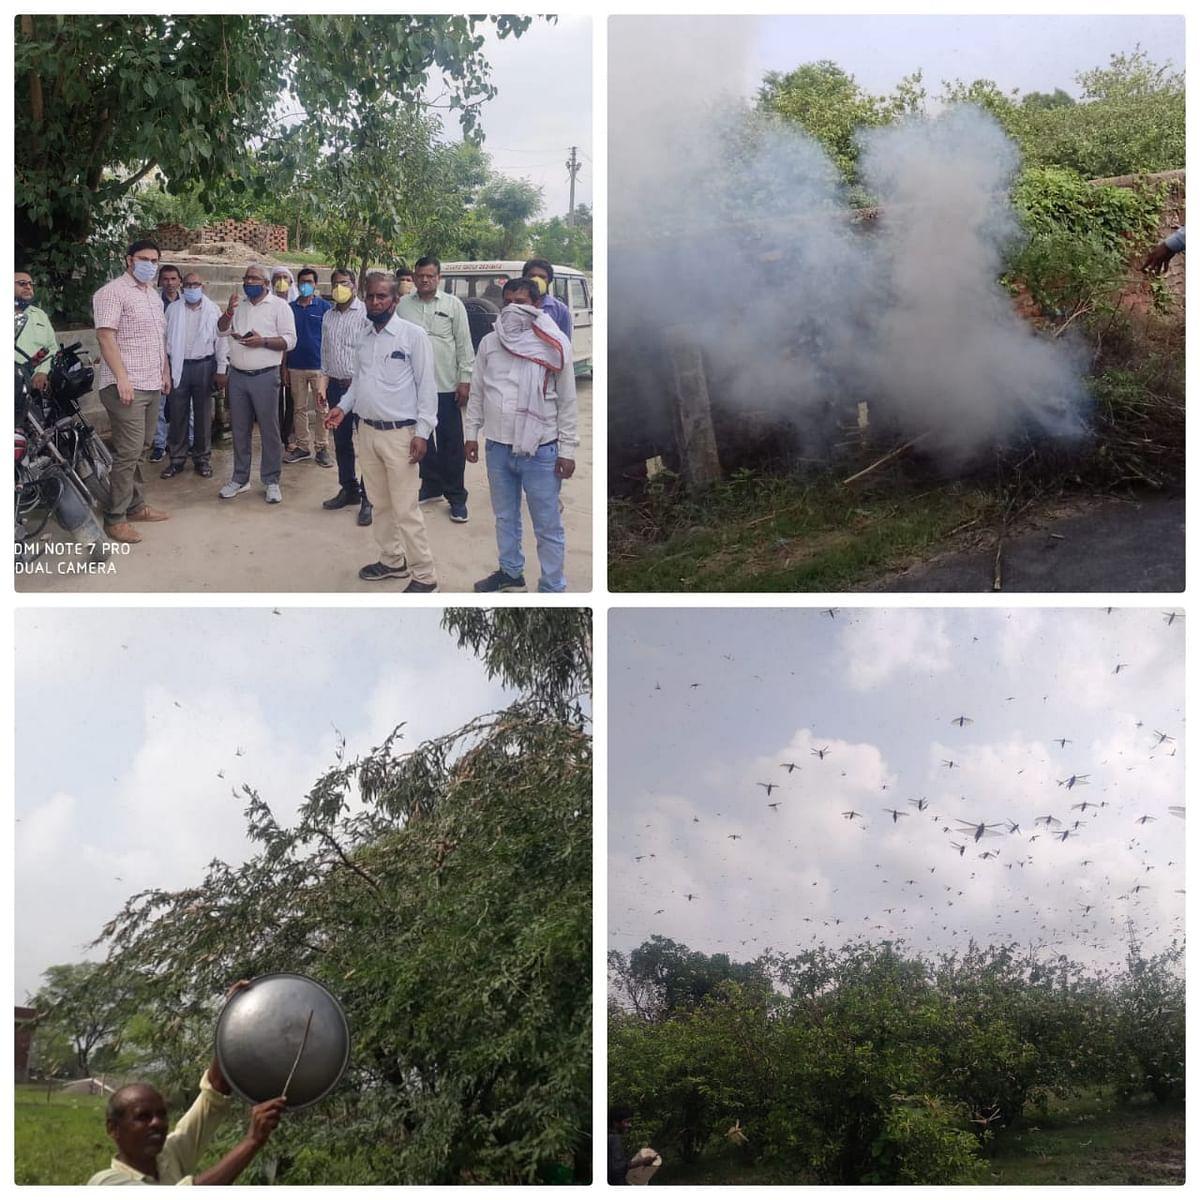 कानपुर के आस-पास मंडरा रहा टिड्डी दल, किसानों के साथ अधिकारी भी कर रहे रतजगा